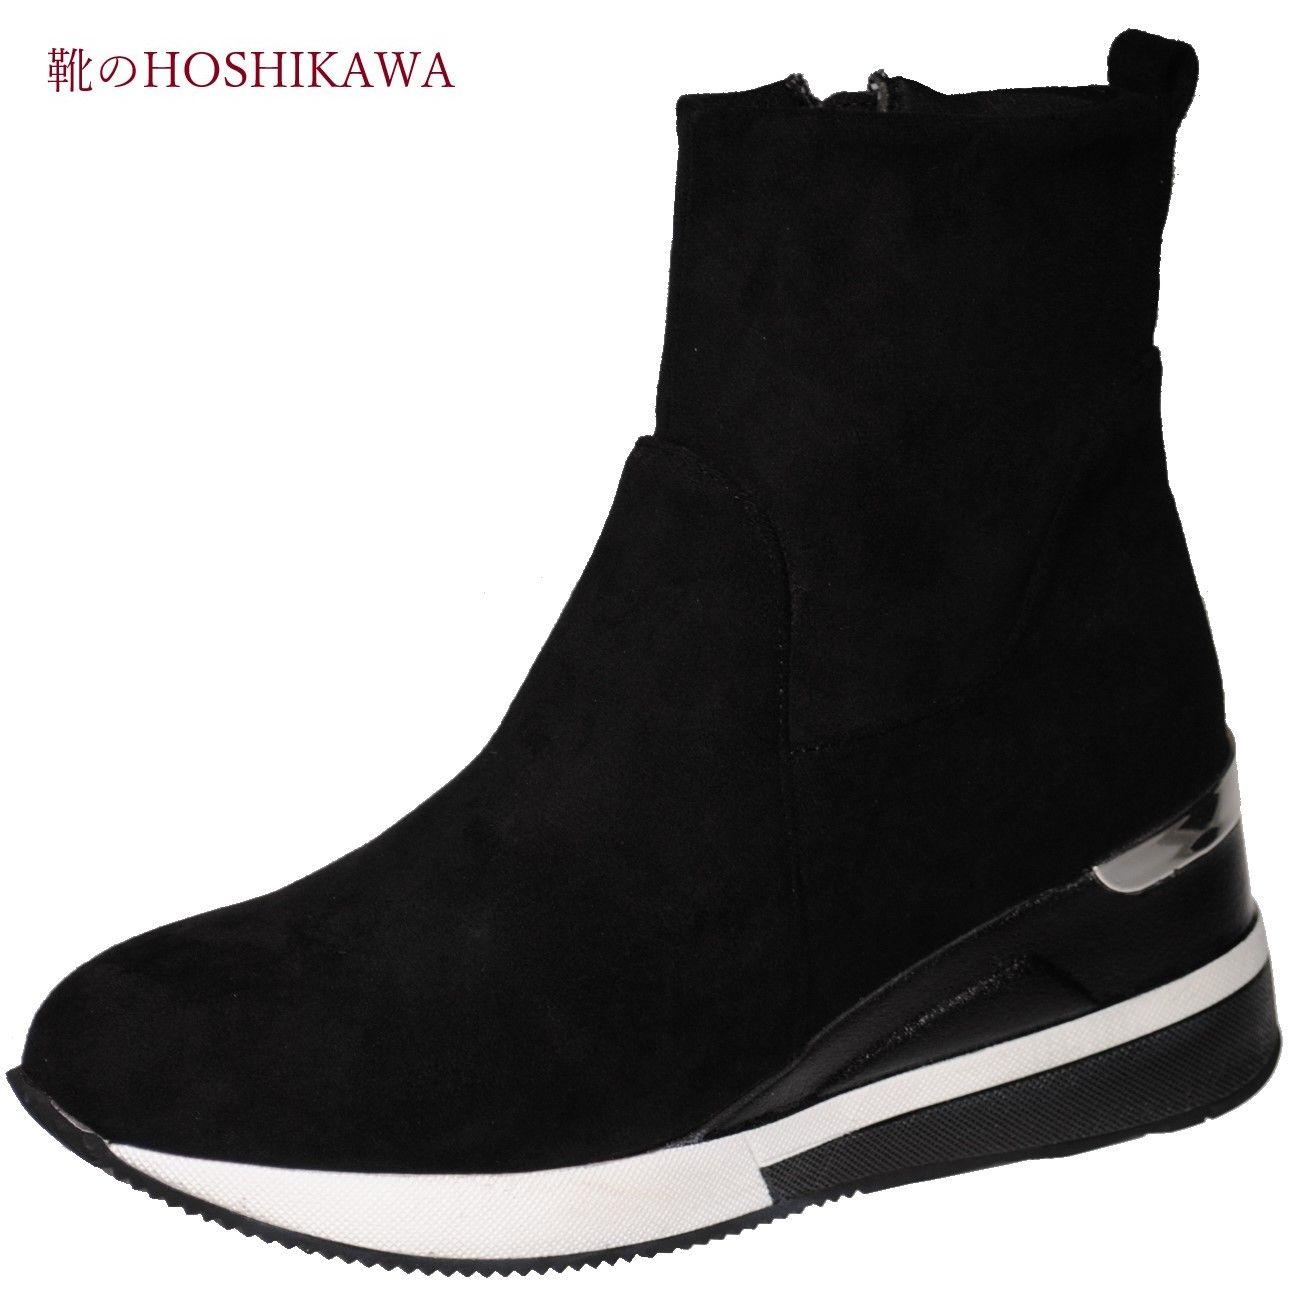 ブーツ ショート丈 ファスナー スエード 合成皮革 軽い 靴のHOSHIKAWA maaRu 600 限定品 スウェード L LL 秋冬 ショートブーツS M 通販 レディース ブラック内側ファスナー 厚底合皮